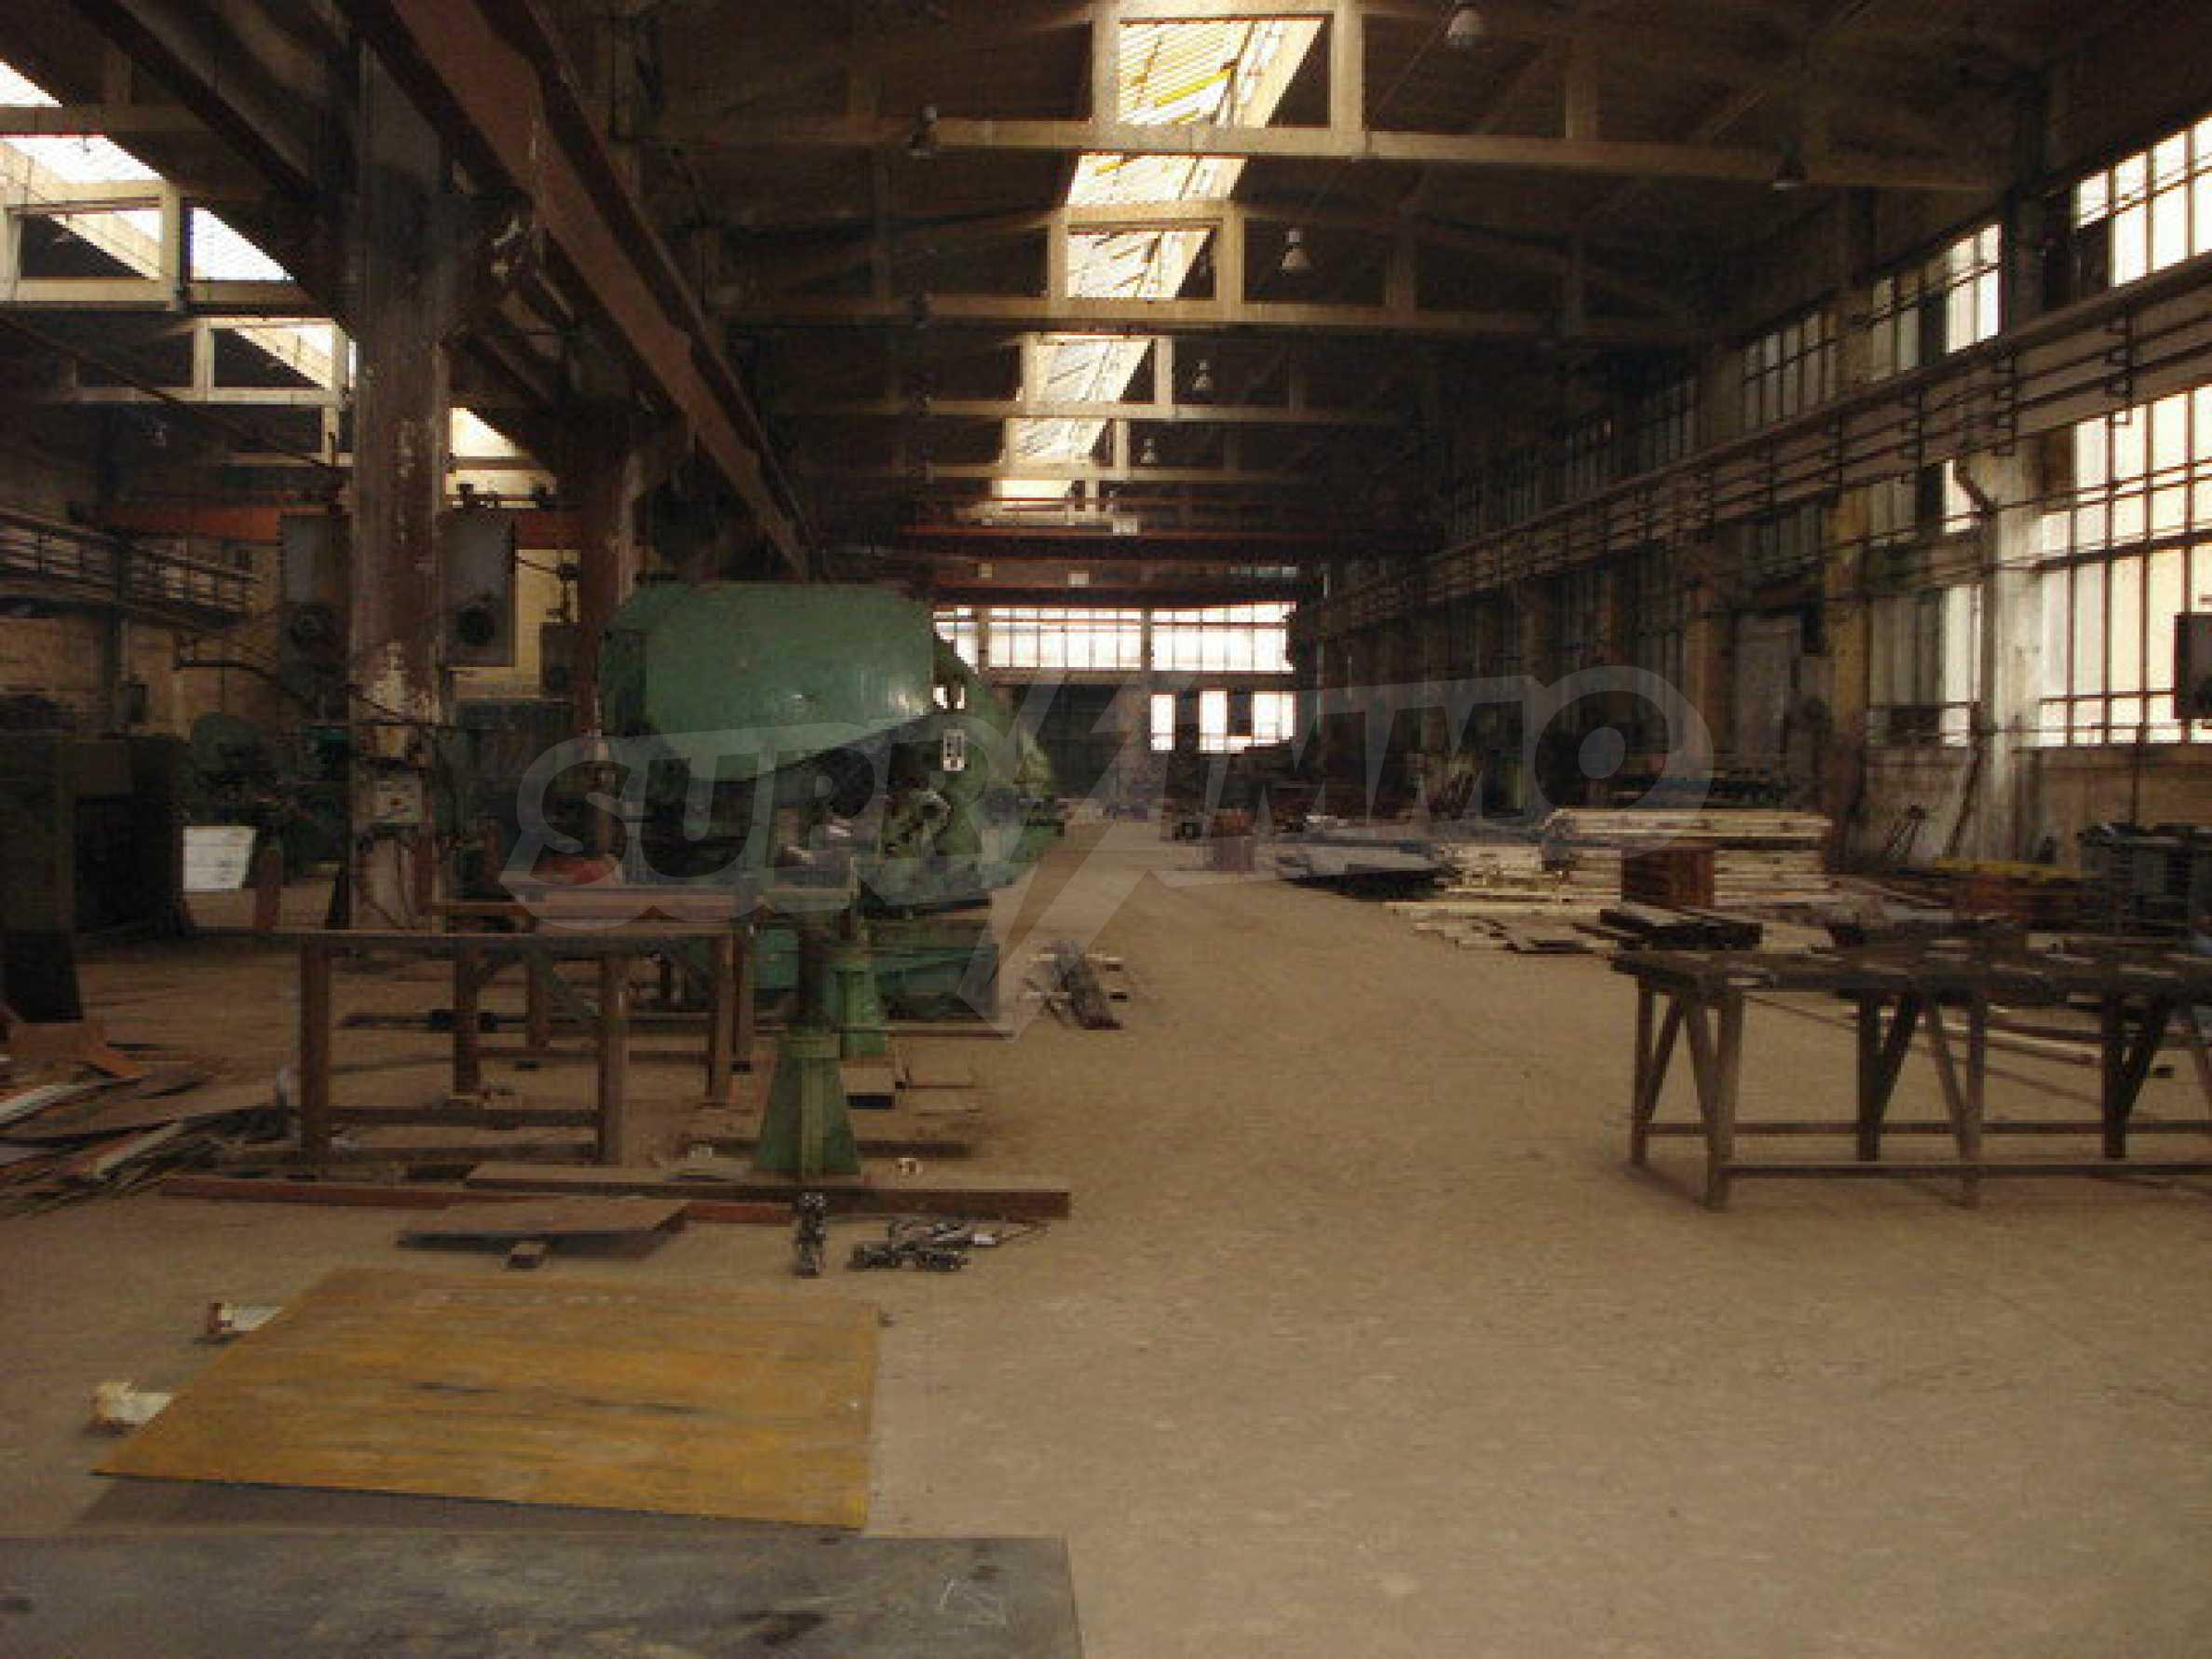 Factory for metal parts in Veliko Tarnovo 6